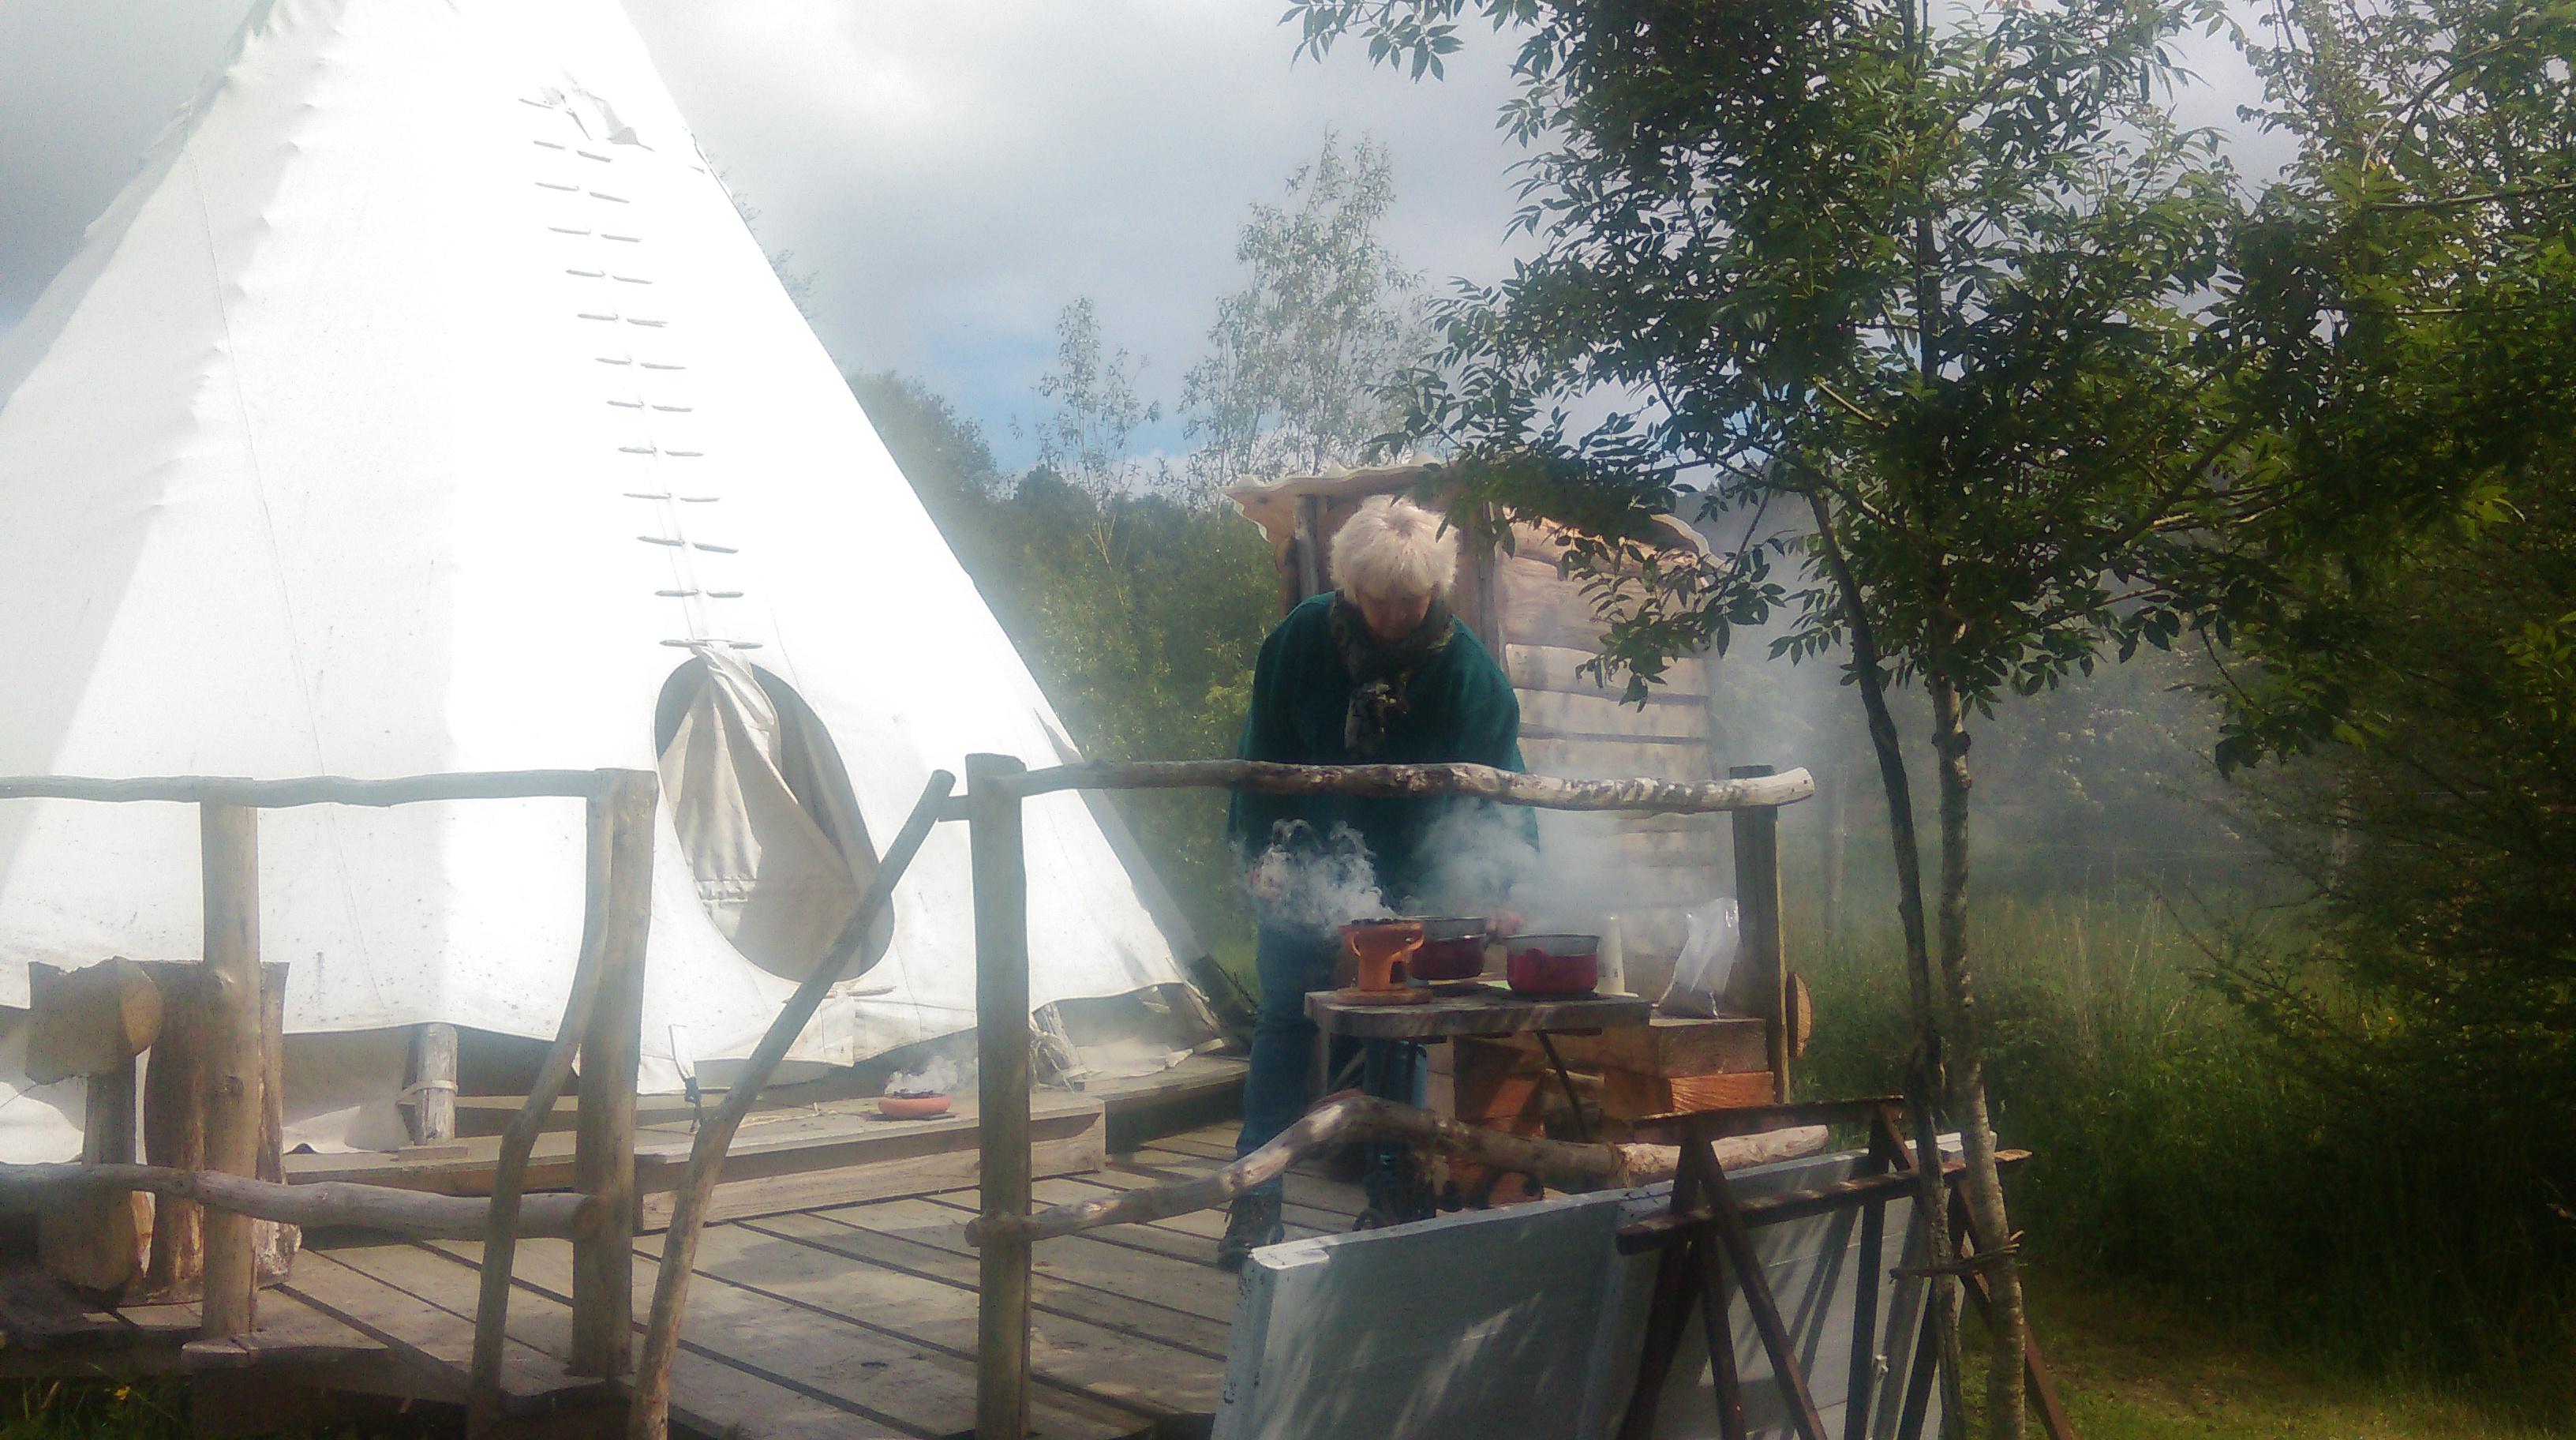 Préparation des encensoirs pour la fumigation